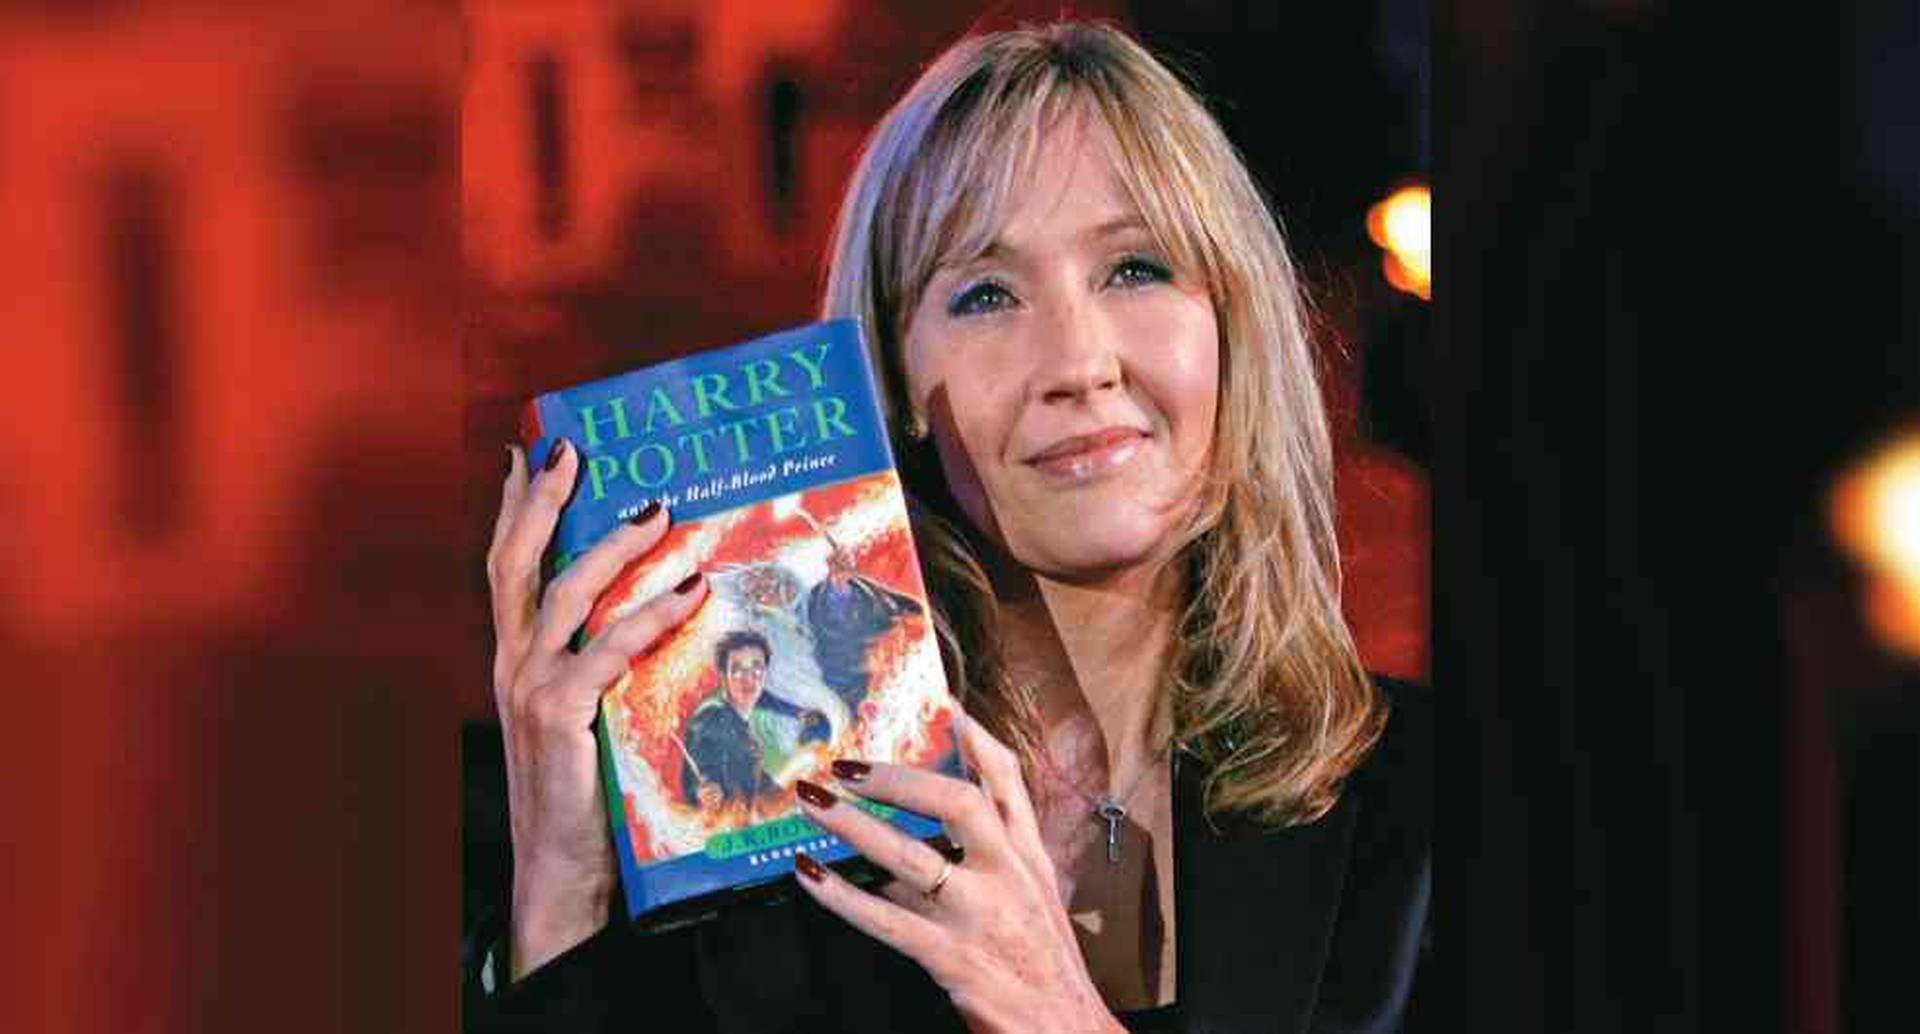 Autora de Harry Potter J. K. Rowling, víctima de abuso doméstico y ataque sexual